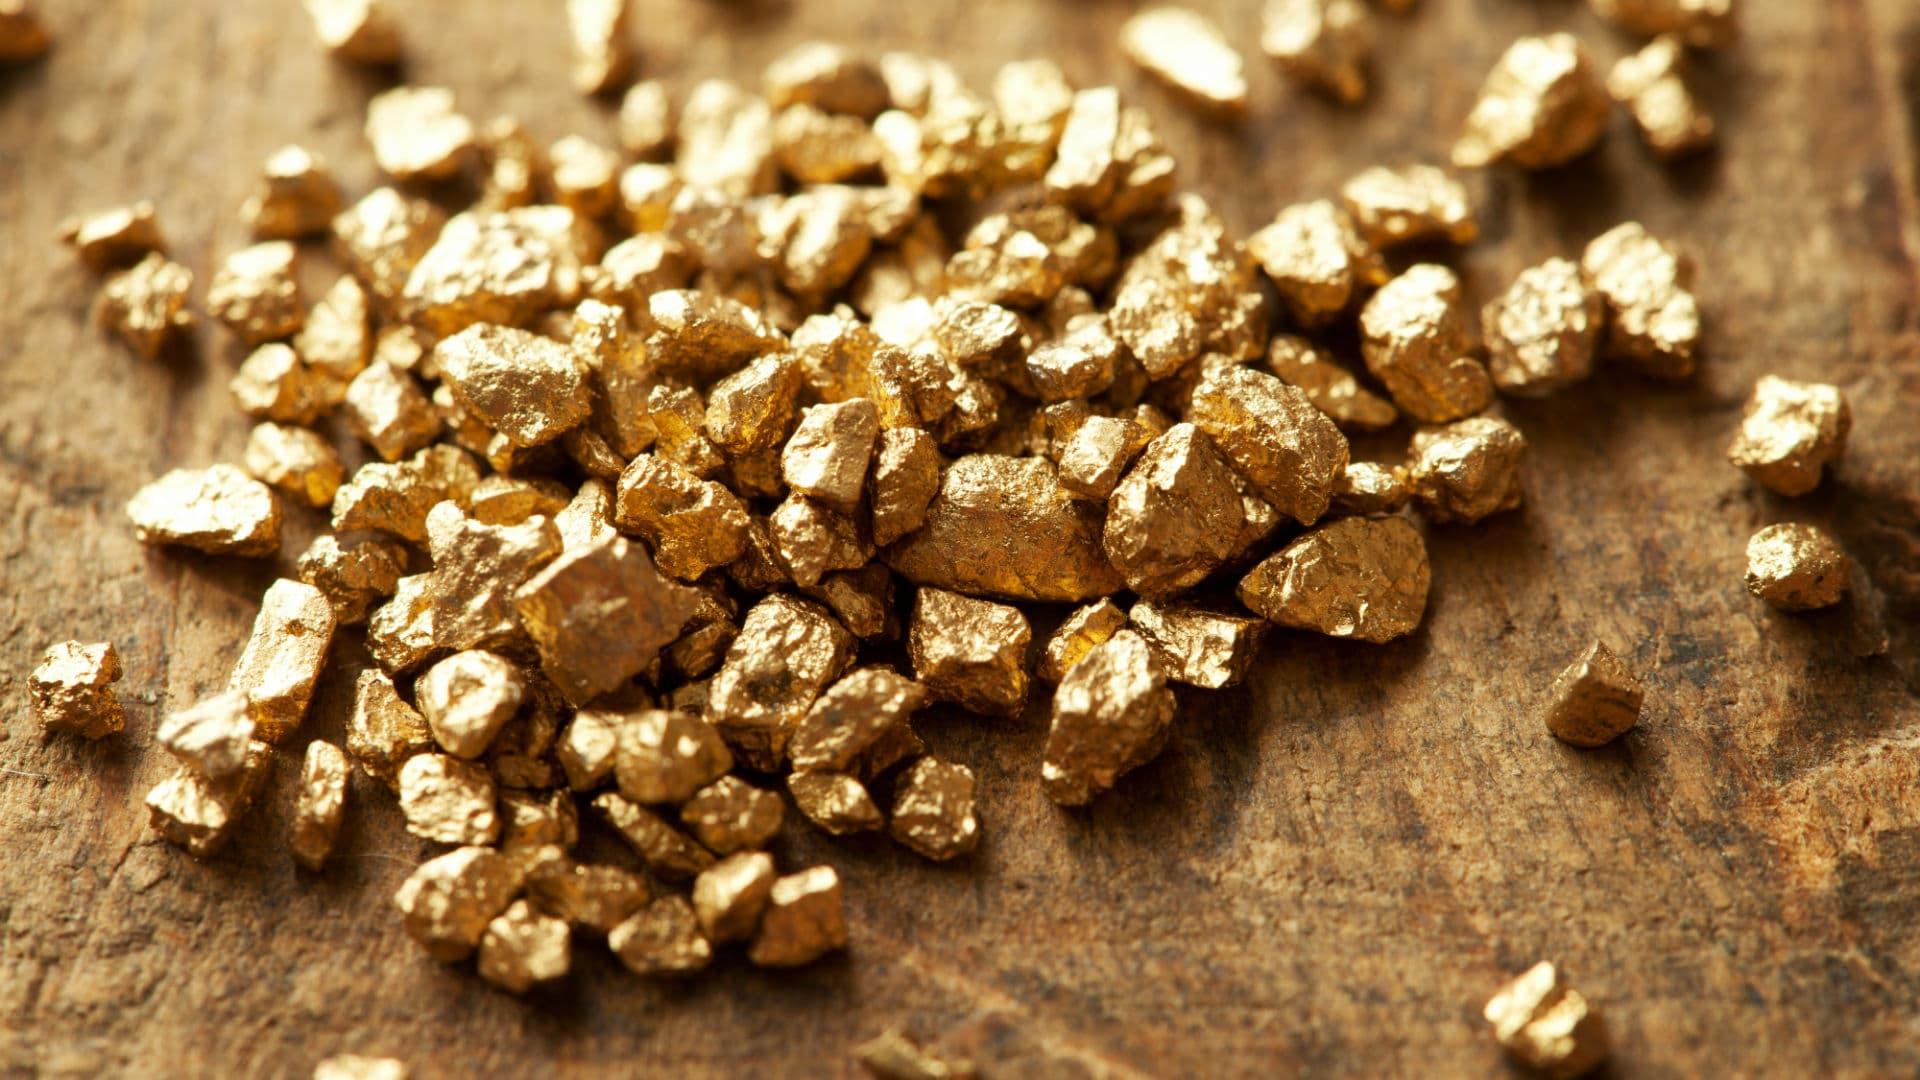 Житель Забайкалья погиб при незаконной добыче золота в закрытой шахте